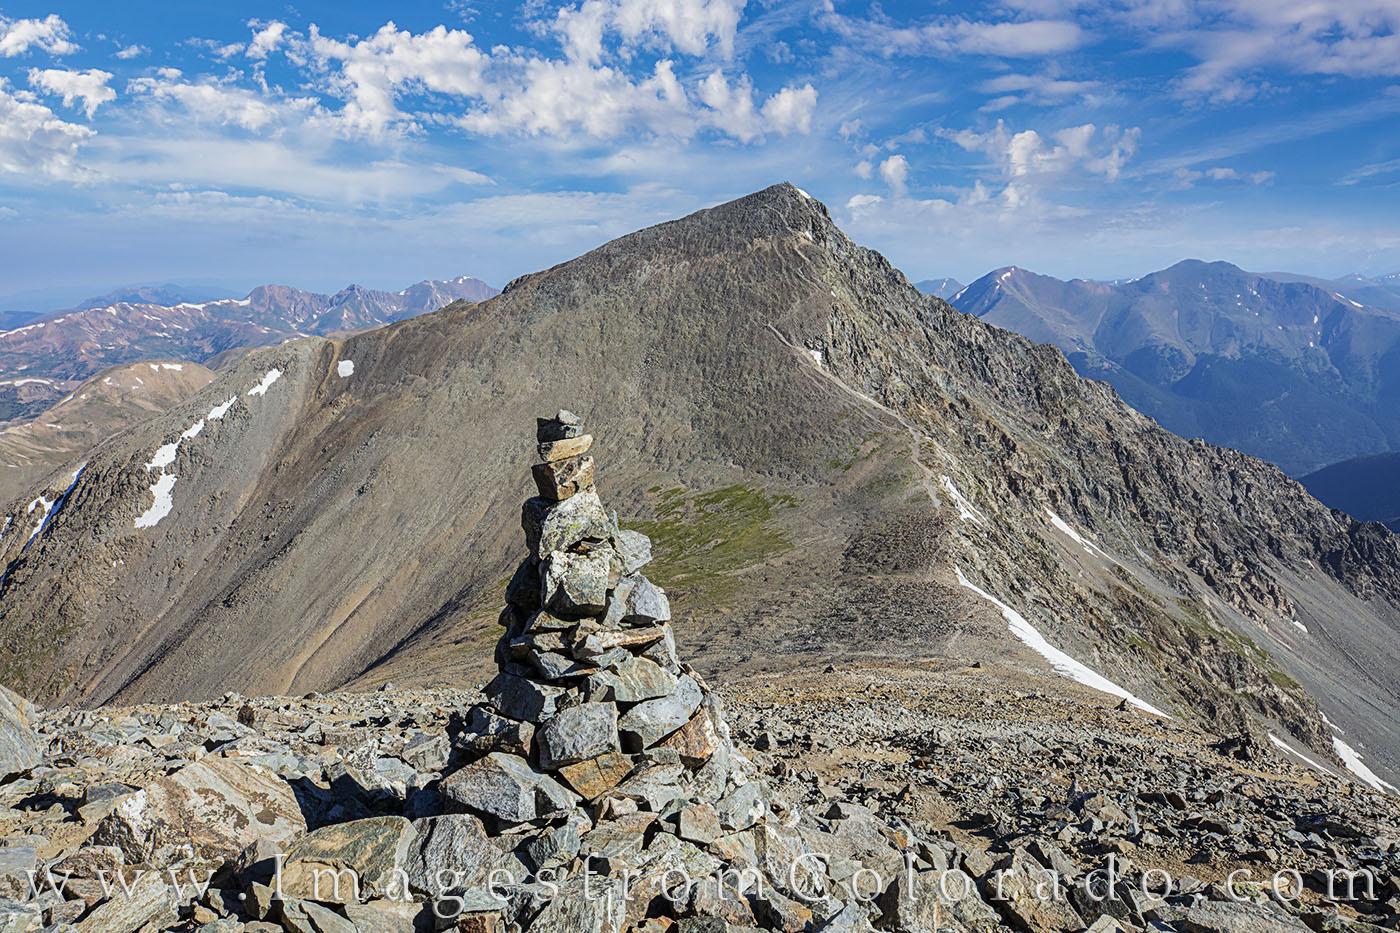 Torreys Peak - one of Colorado's 14ers